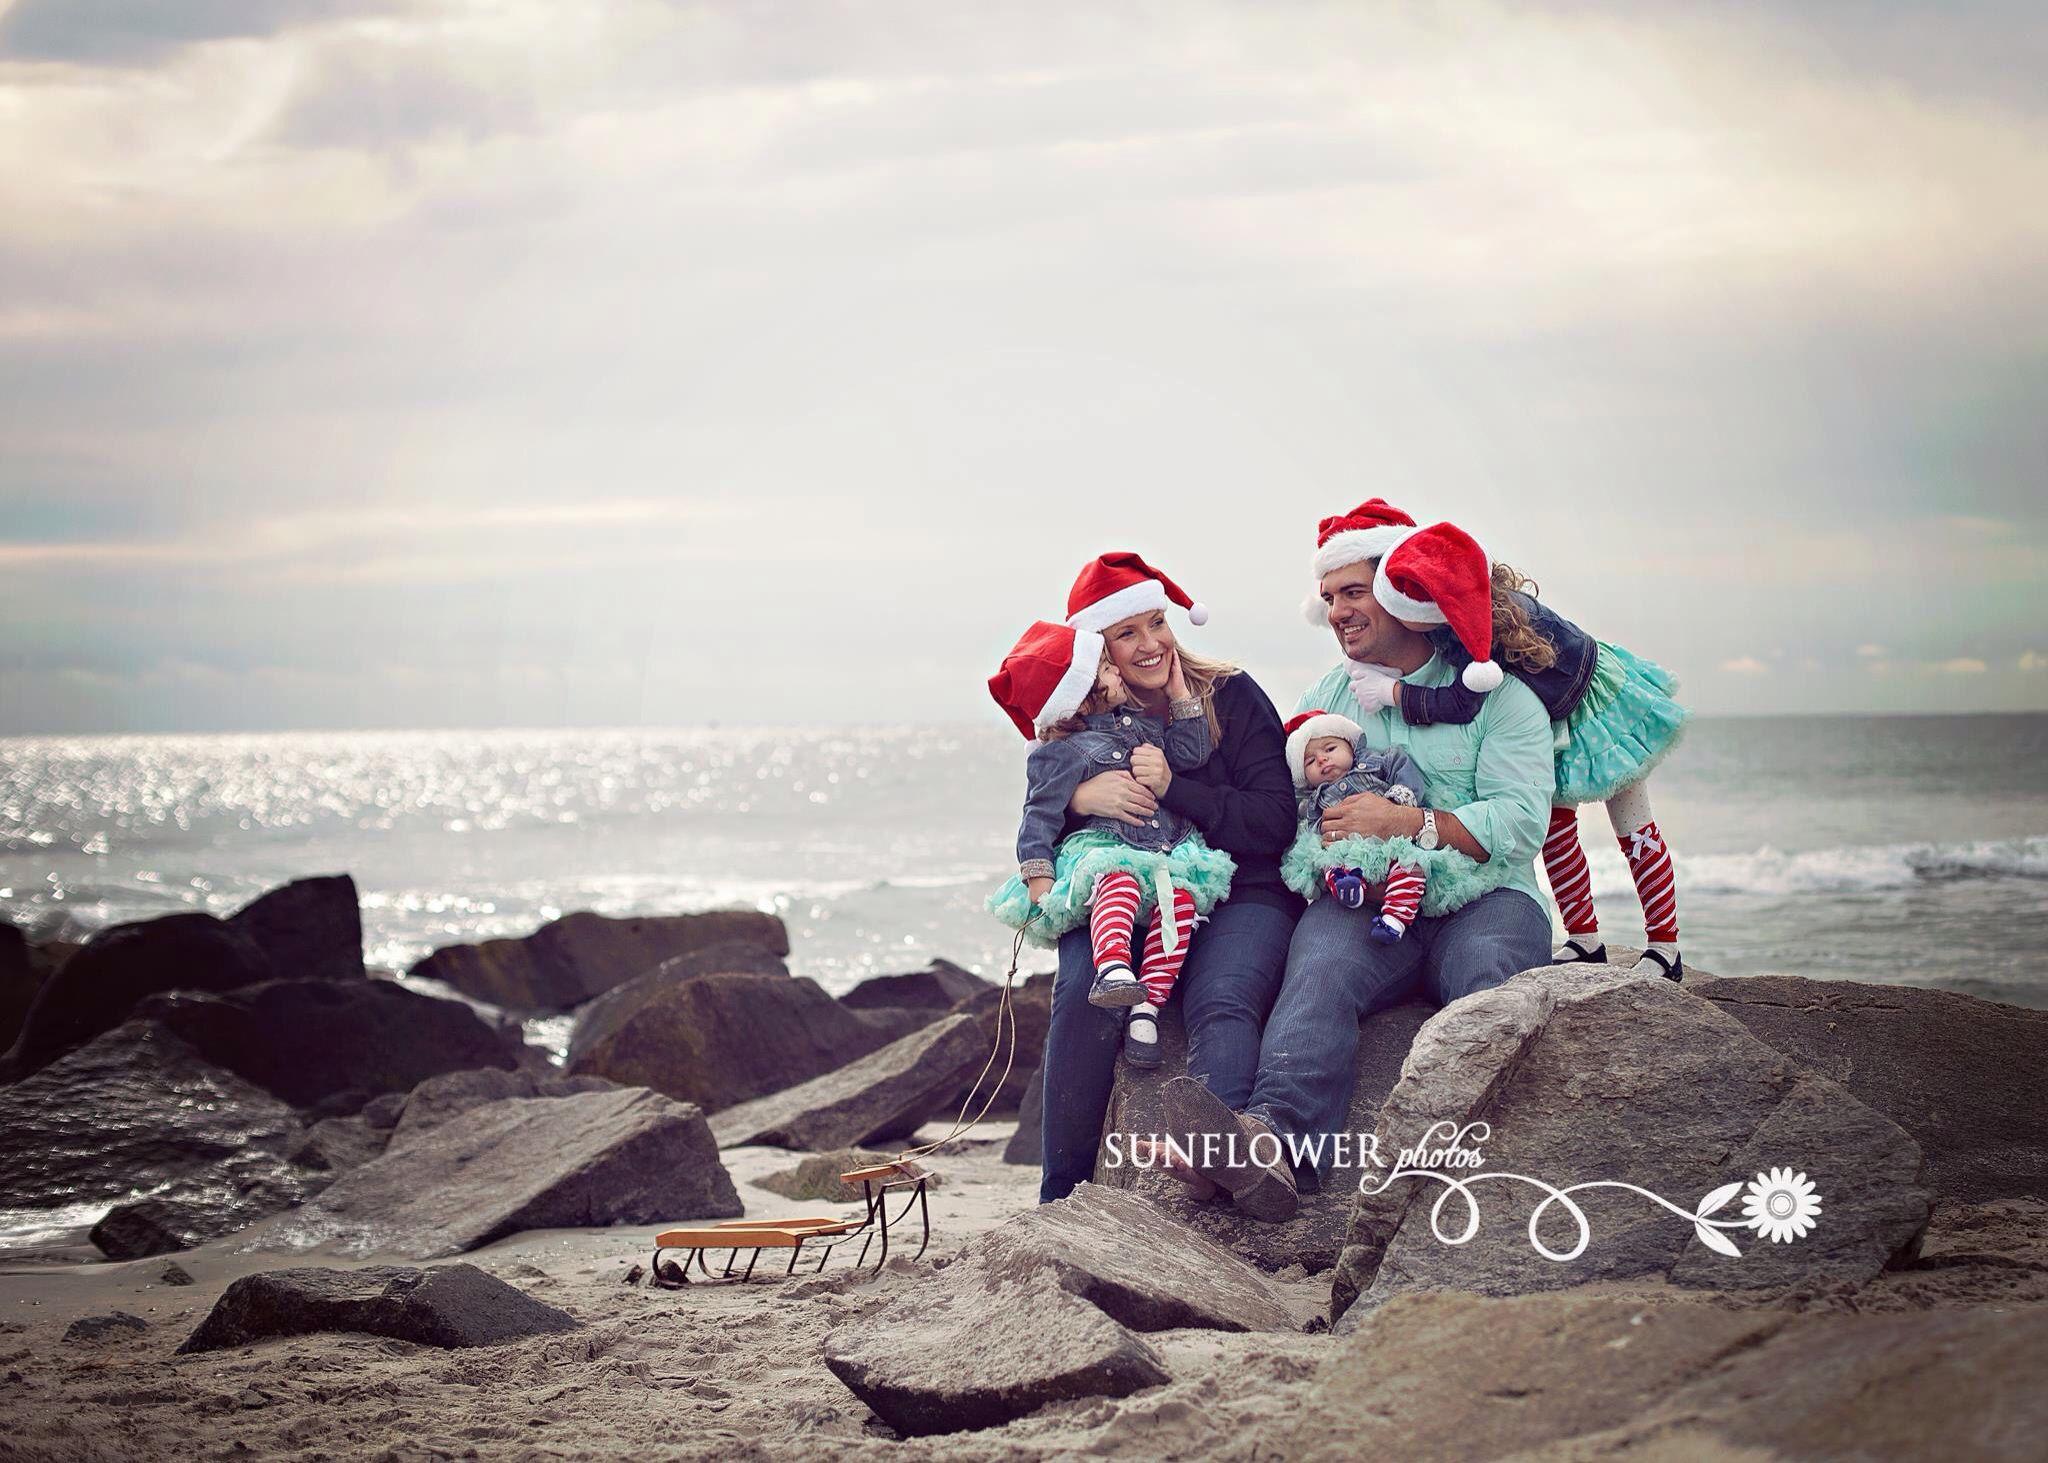 Merry Christmas! ❤️ Sunflower Photos. NJ Holiday Photographer. (www.sunflowerphotos.net) #sunflowerphotos #familyphotography  #statenislandphotographer #njphotographer #newjerseyphotographer #holidayphotographer #holidayphotos #nycphotographer #southjerseyphotographer